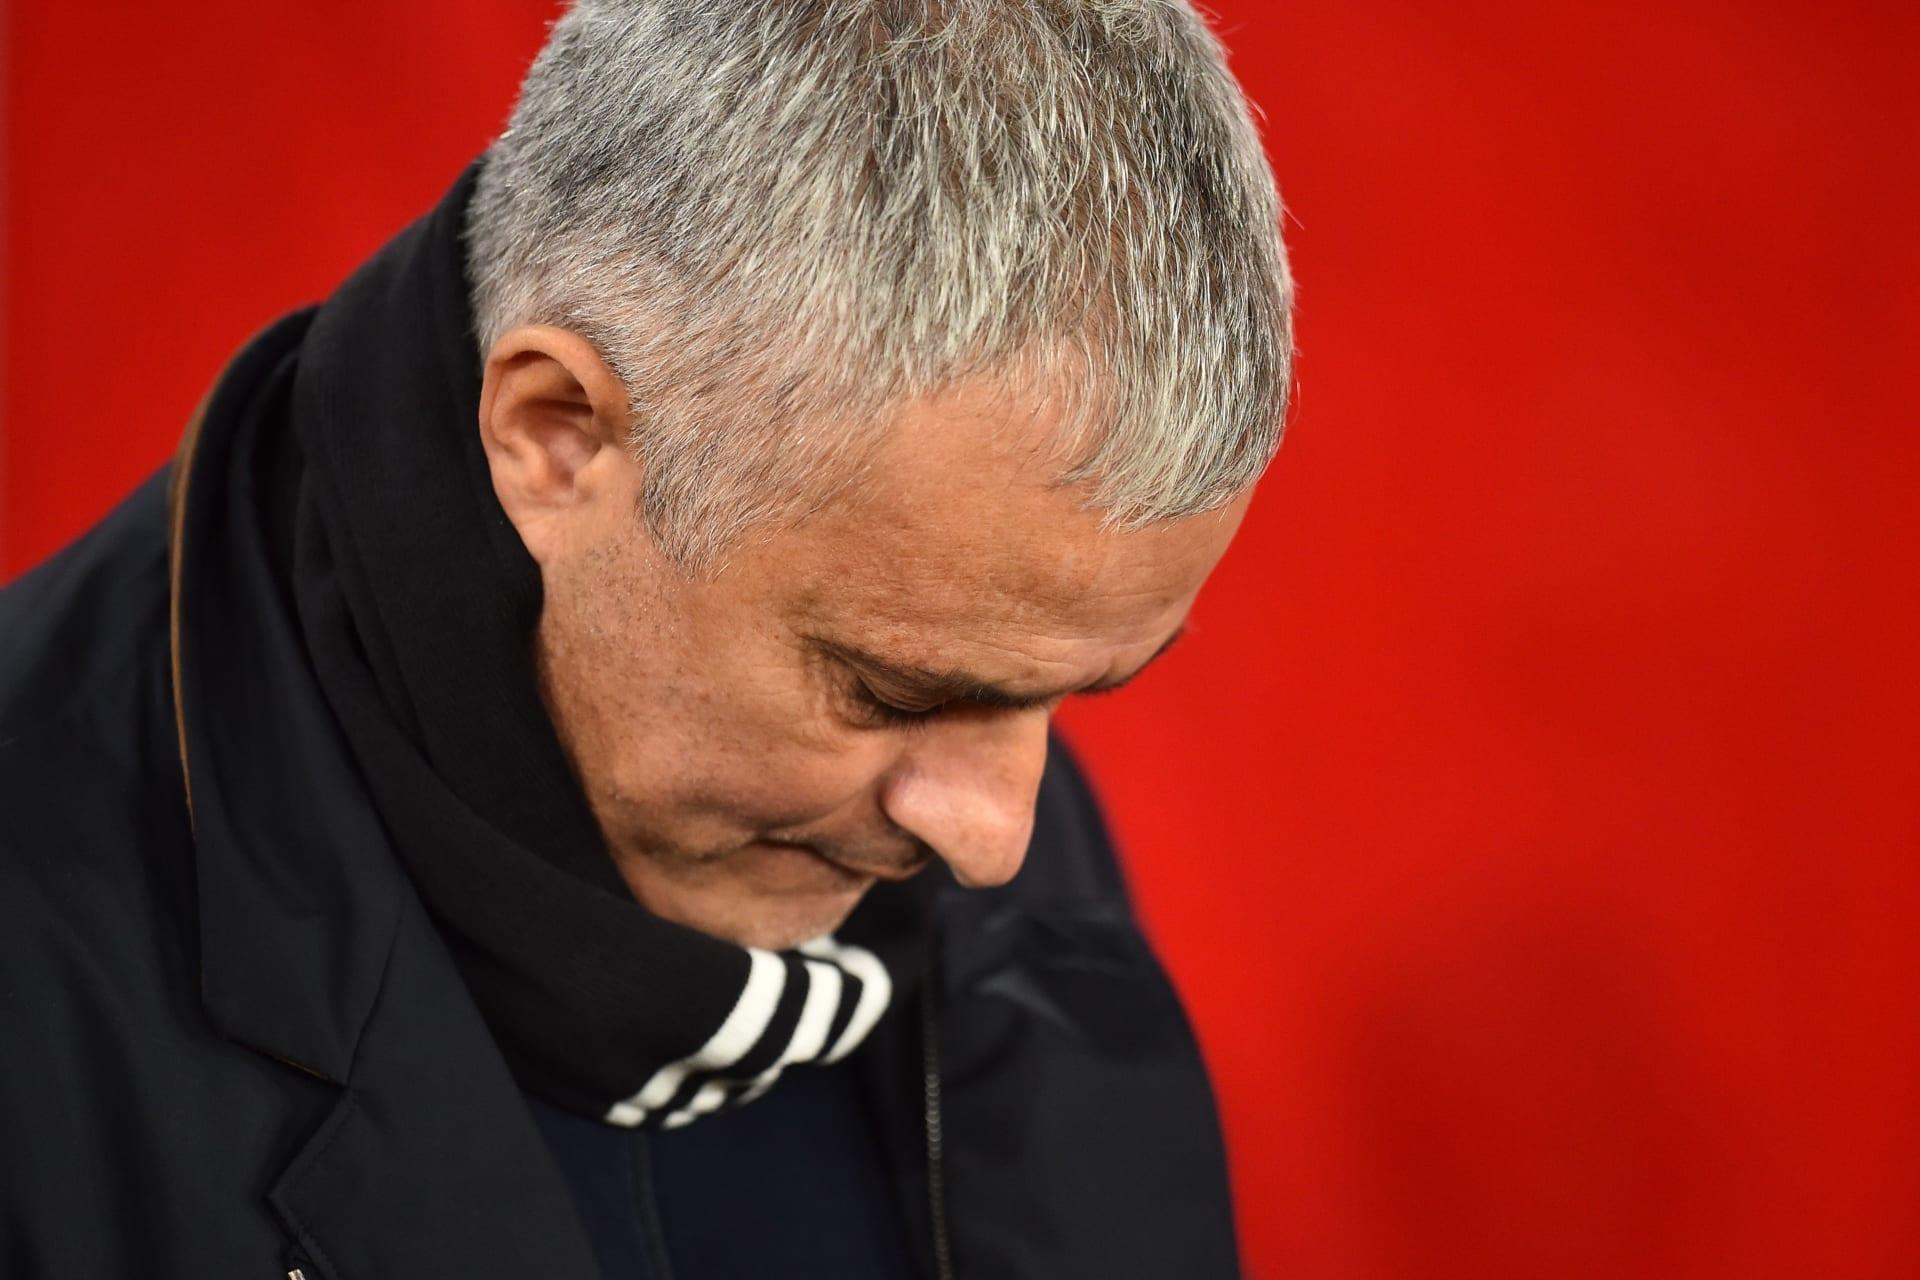 ما هي أسباب إقالة مورينيو من تدريب مانشستر يونايتد.. ولماذا الآن؟